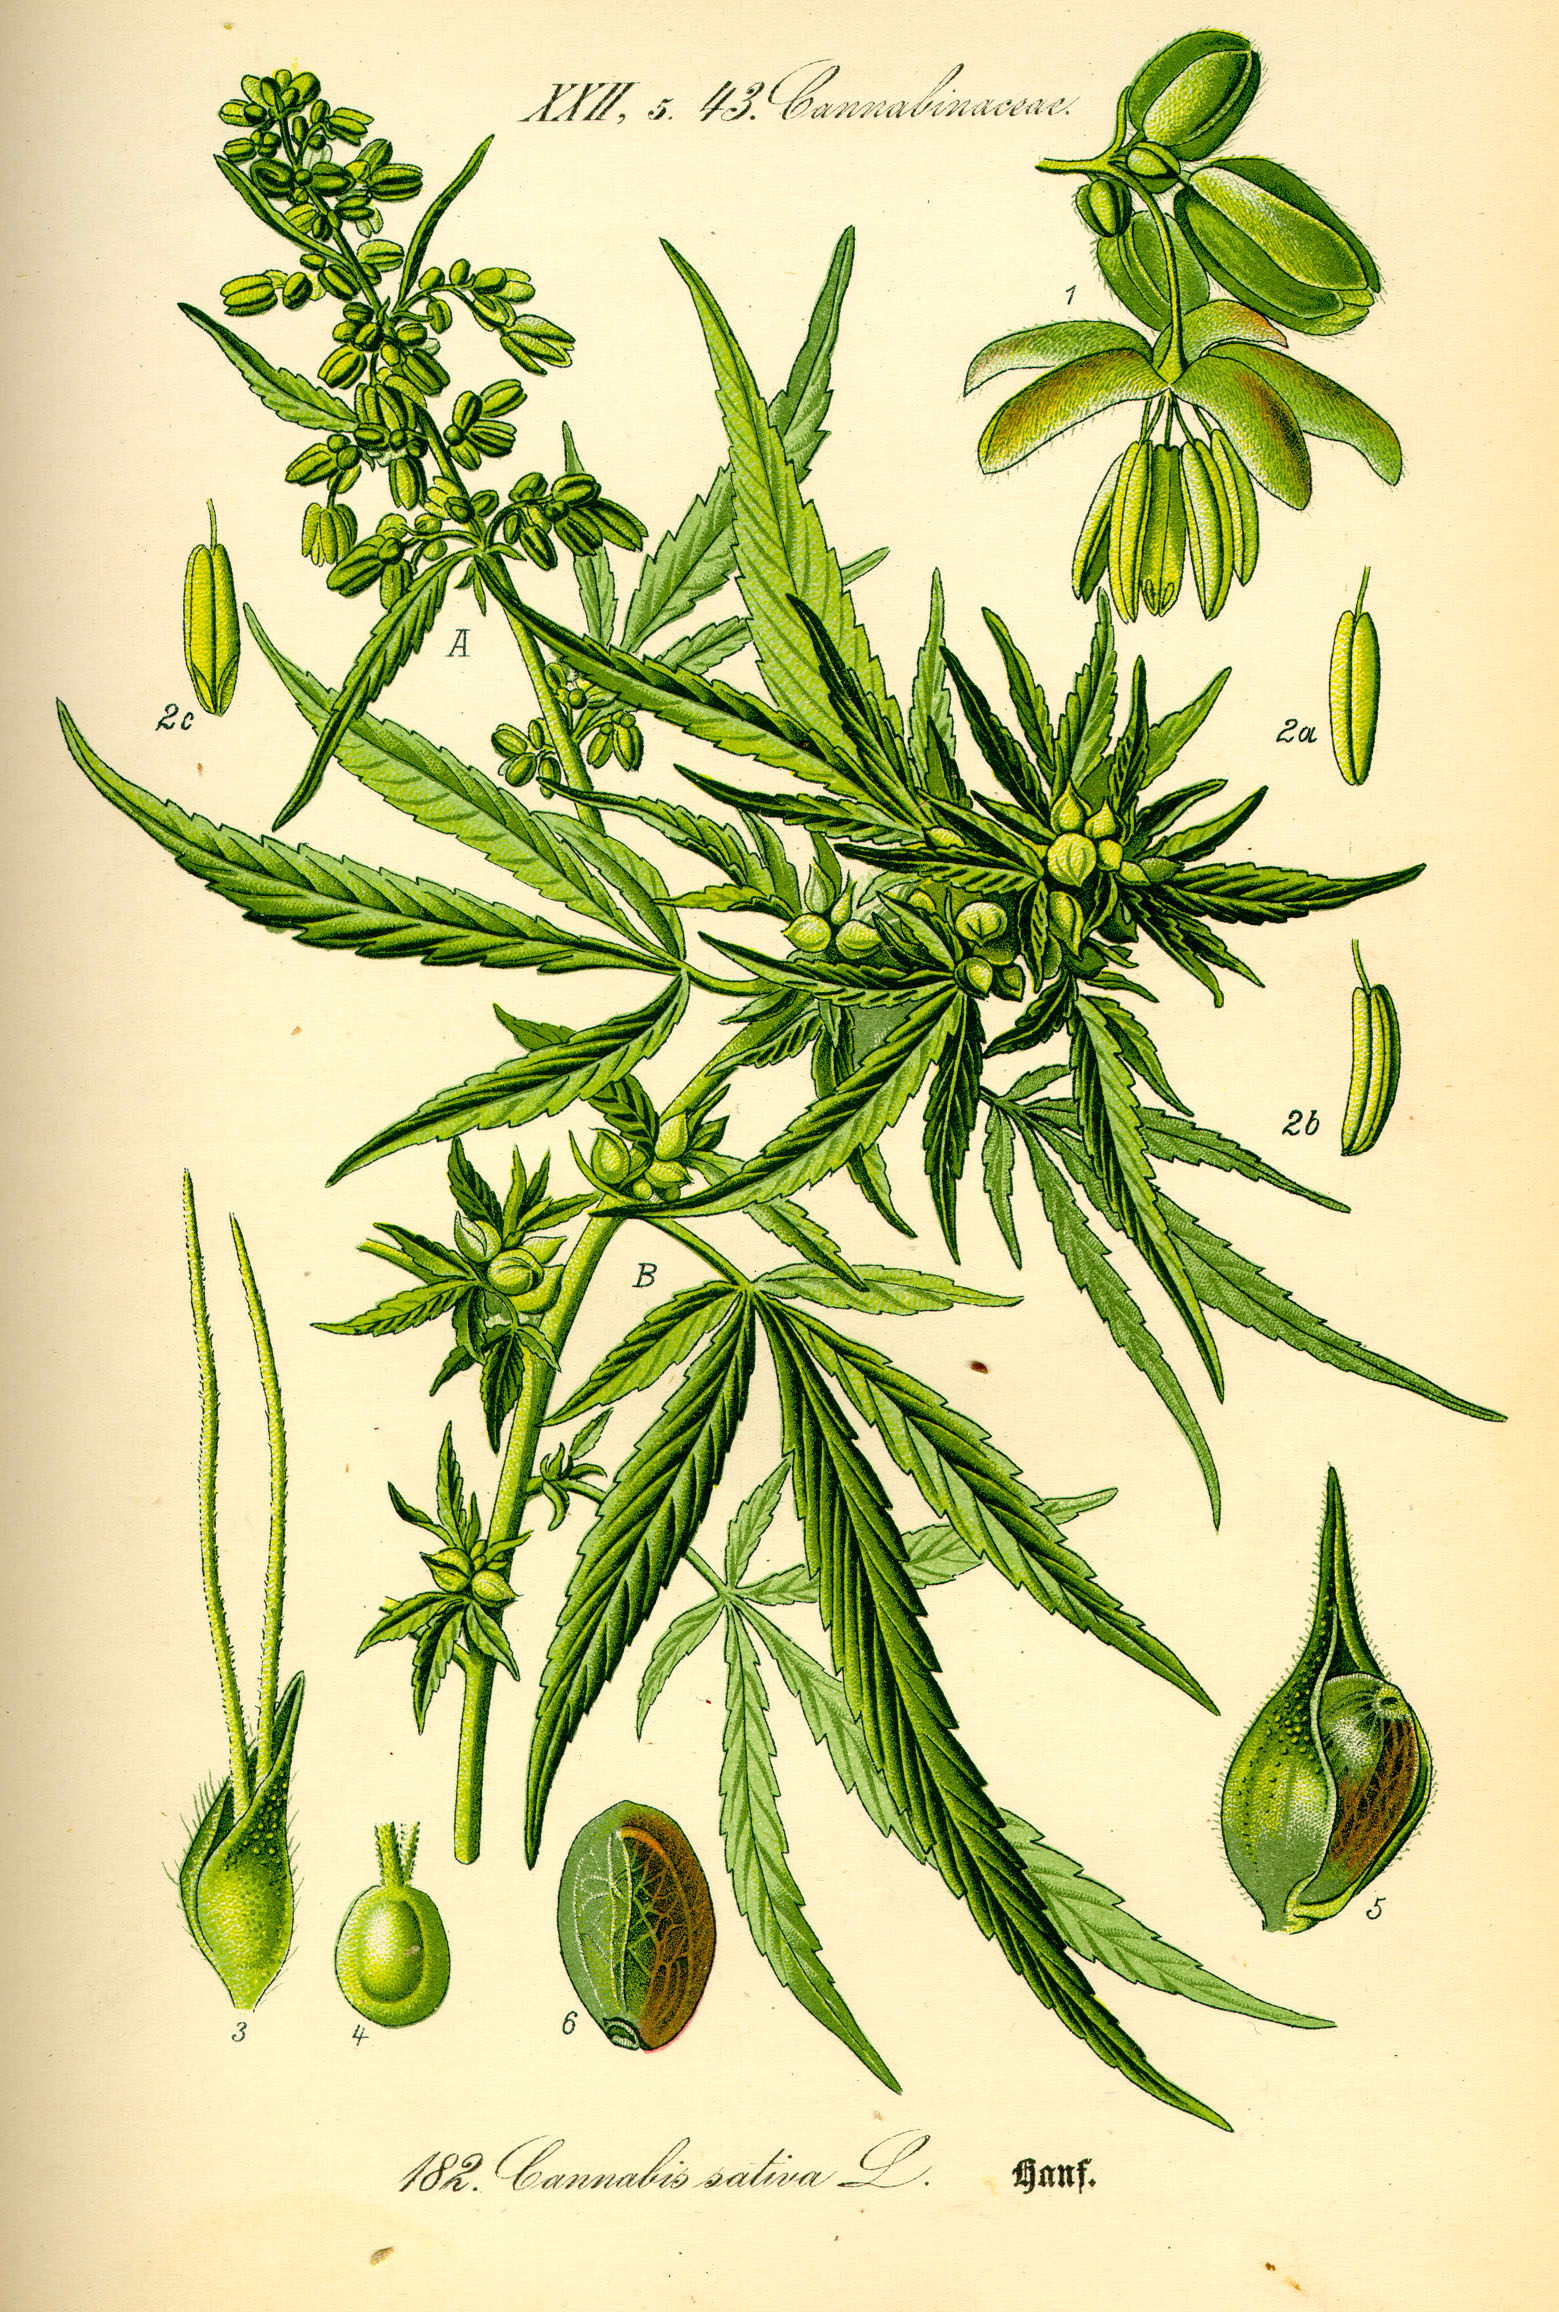 Original book source: Prof. Dr. Otto Wilhelm Thomé ''Flora von Deutschland, Österreich und der Schweiz'' 1885, Gera, Germany